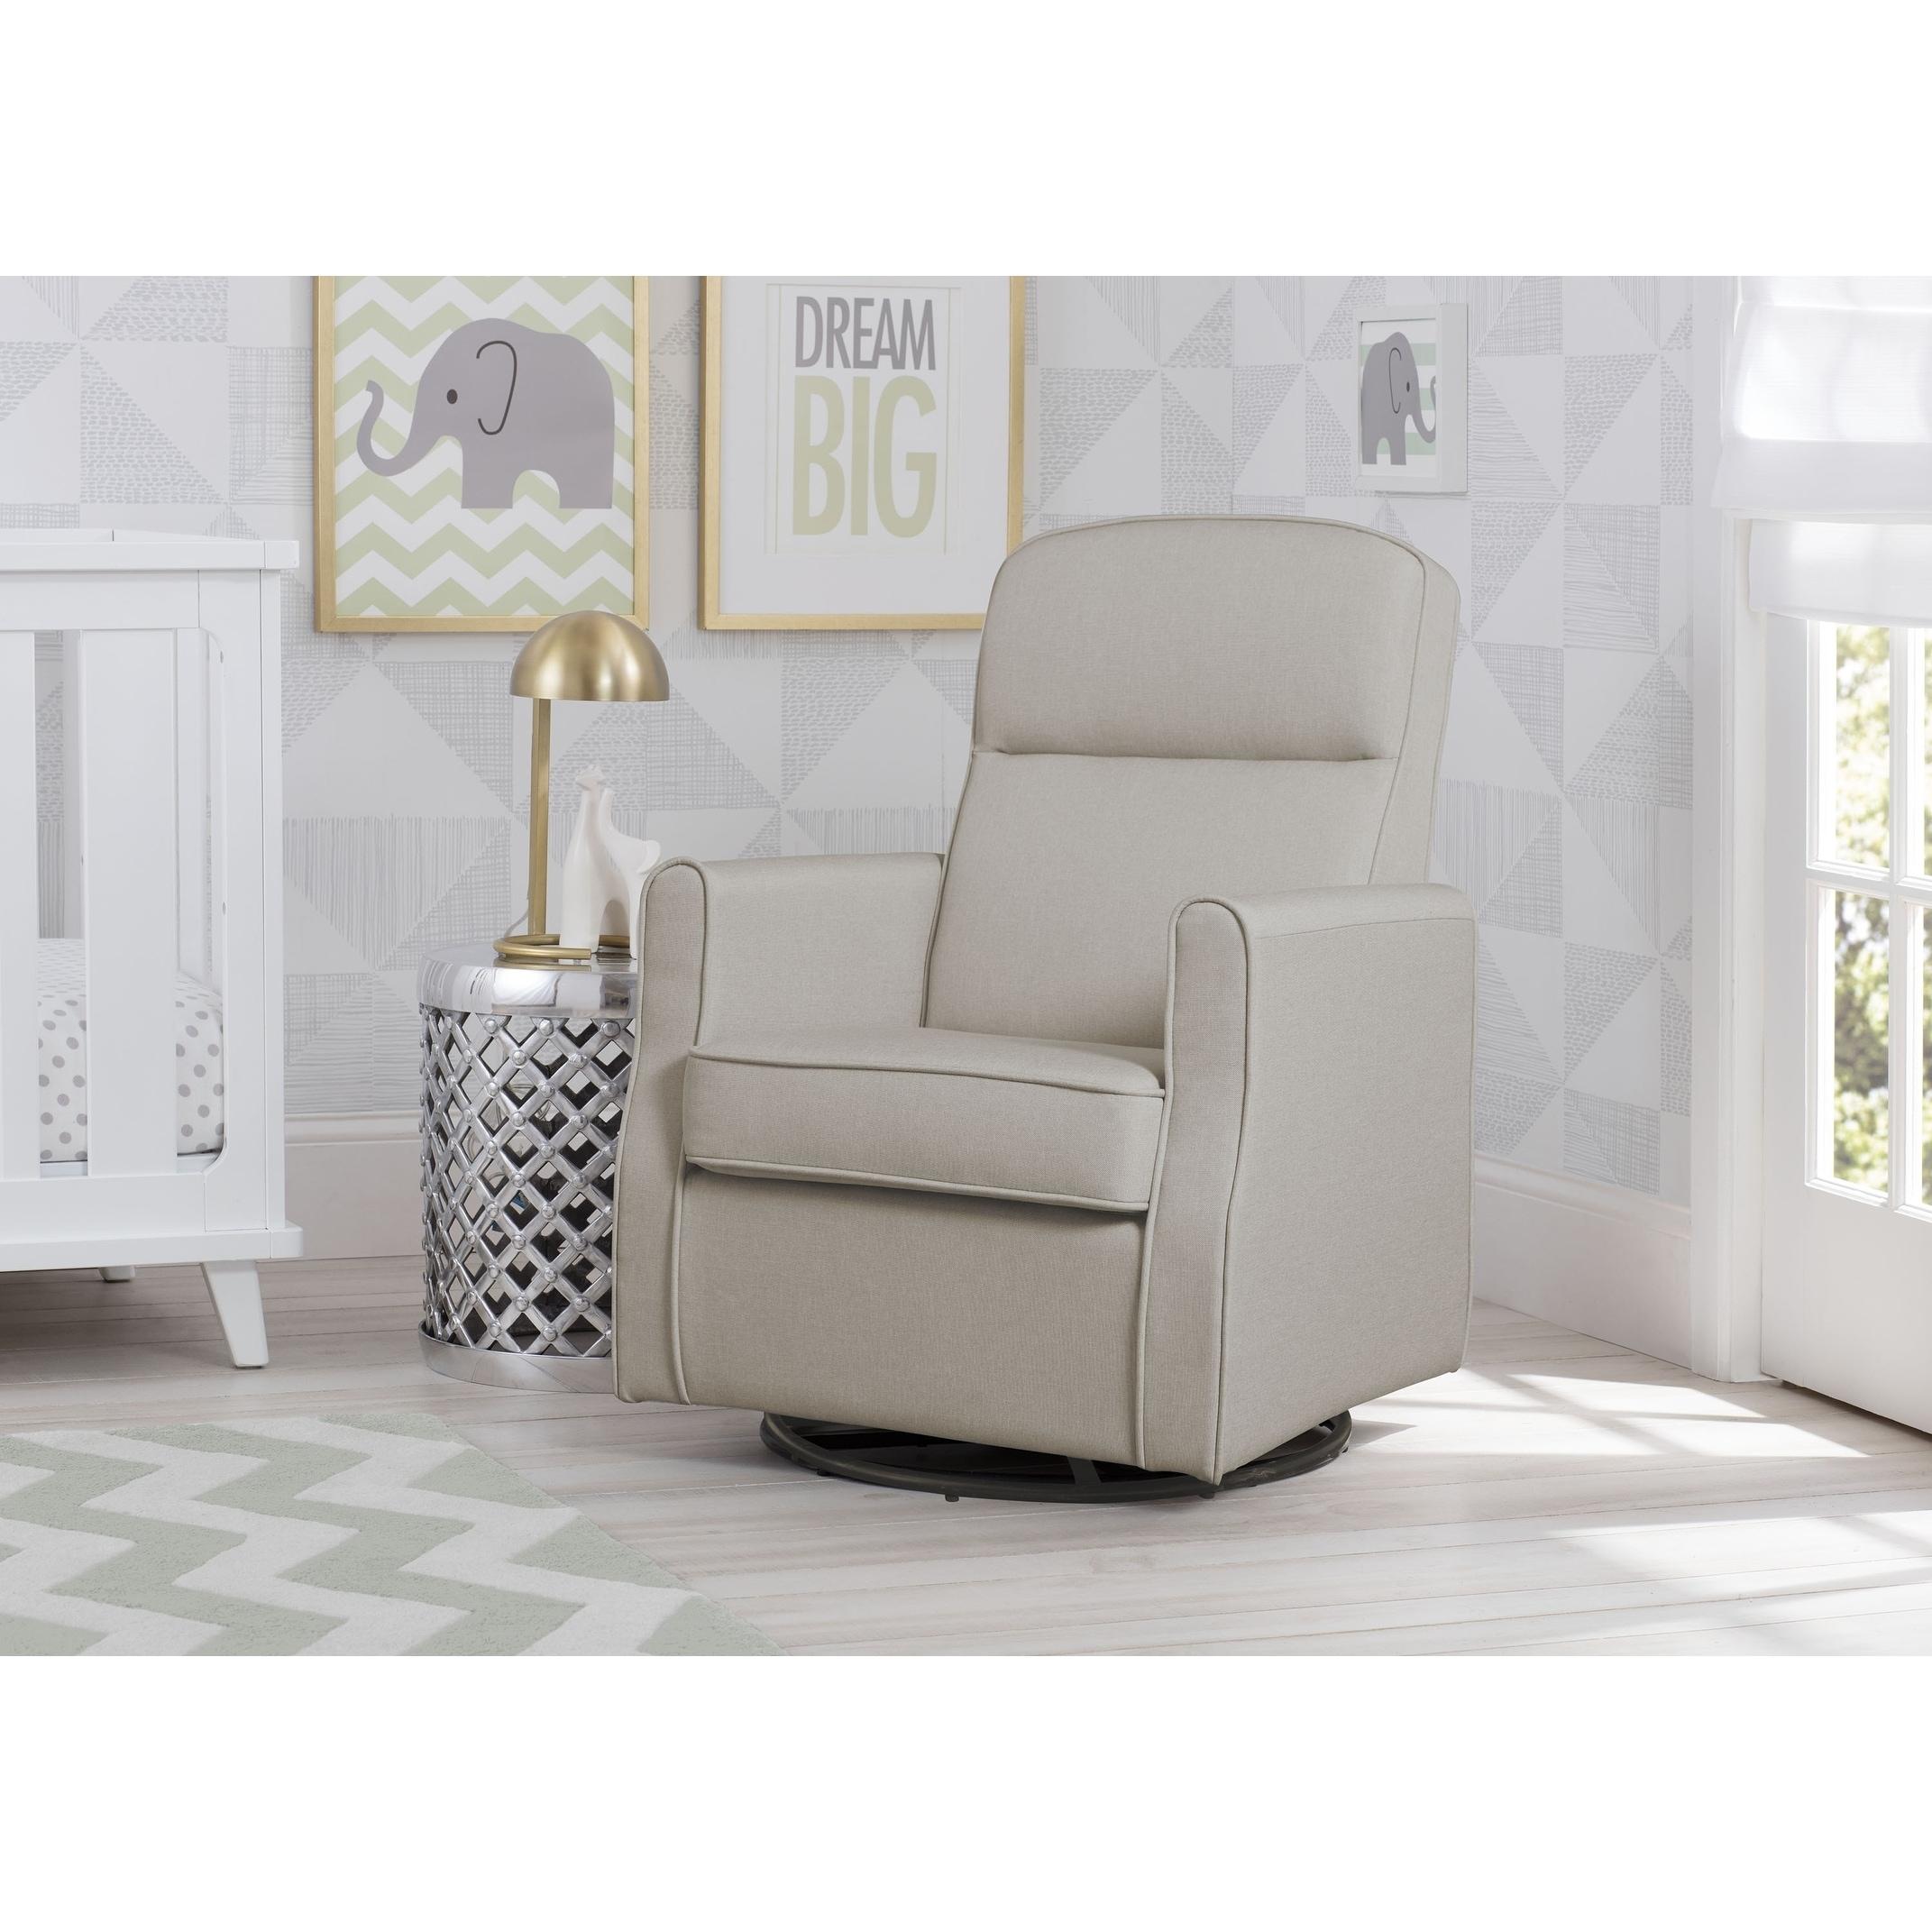 Delta-Children-Blair-Slim-Nursery-Glider-Swivel-Rocker-Chair-Taupe